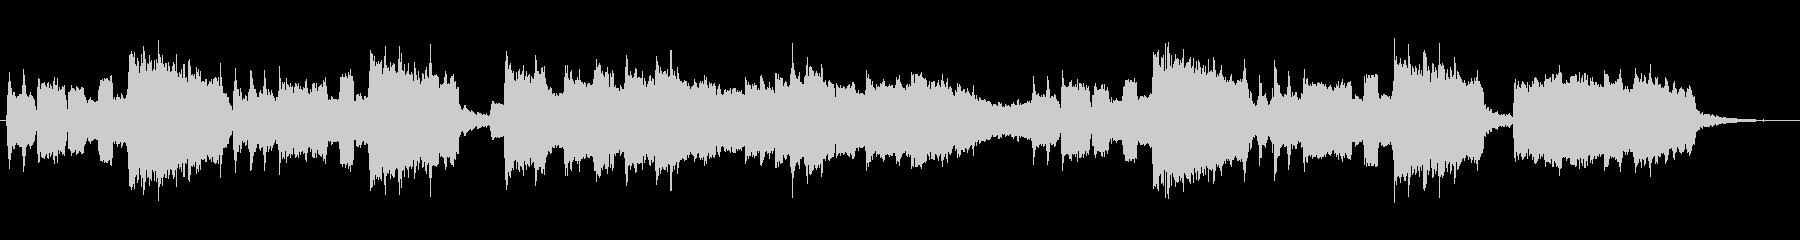 クラリネットが印象的なコミカルなジングルの未再生の波形